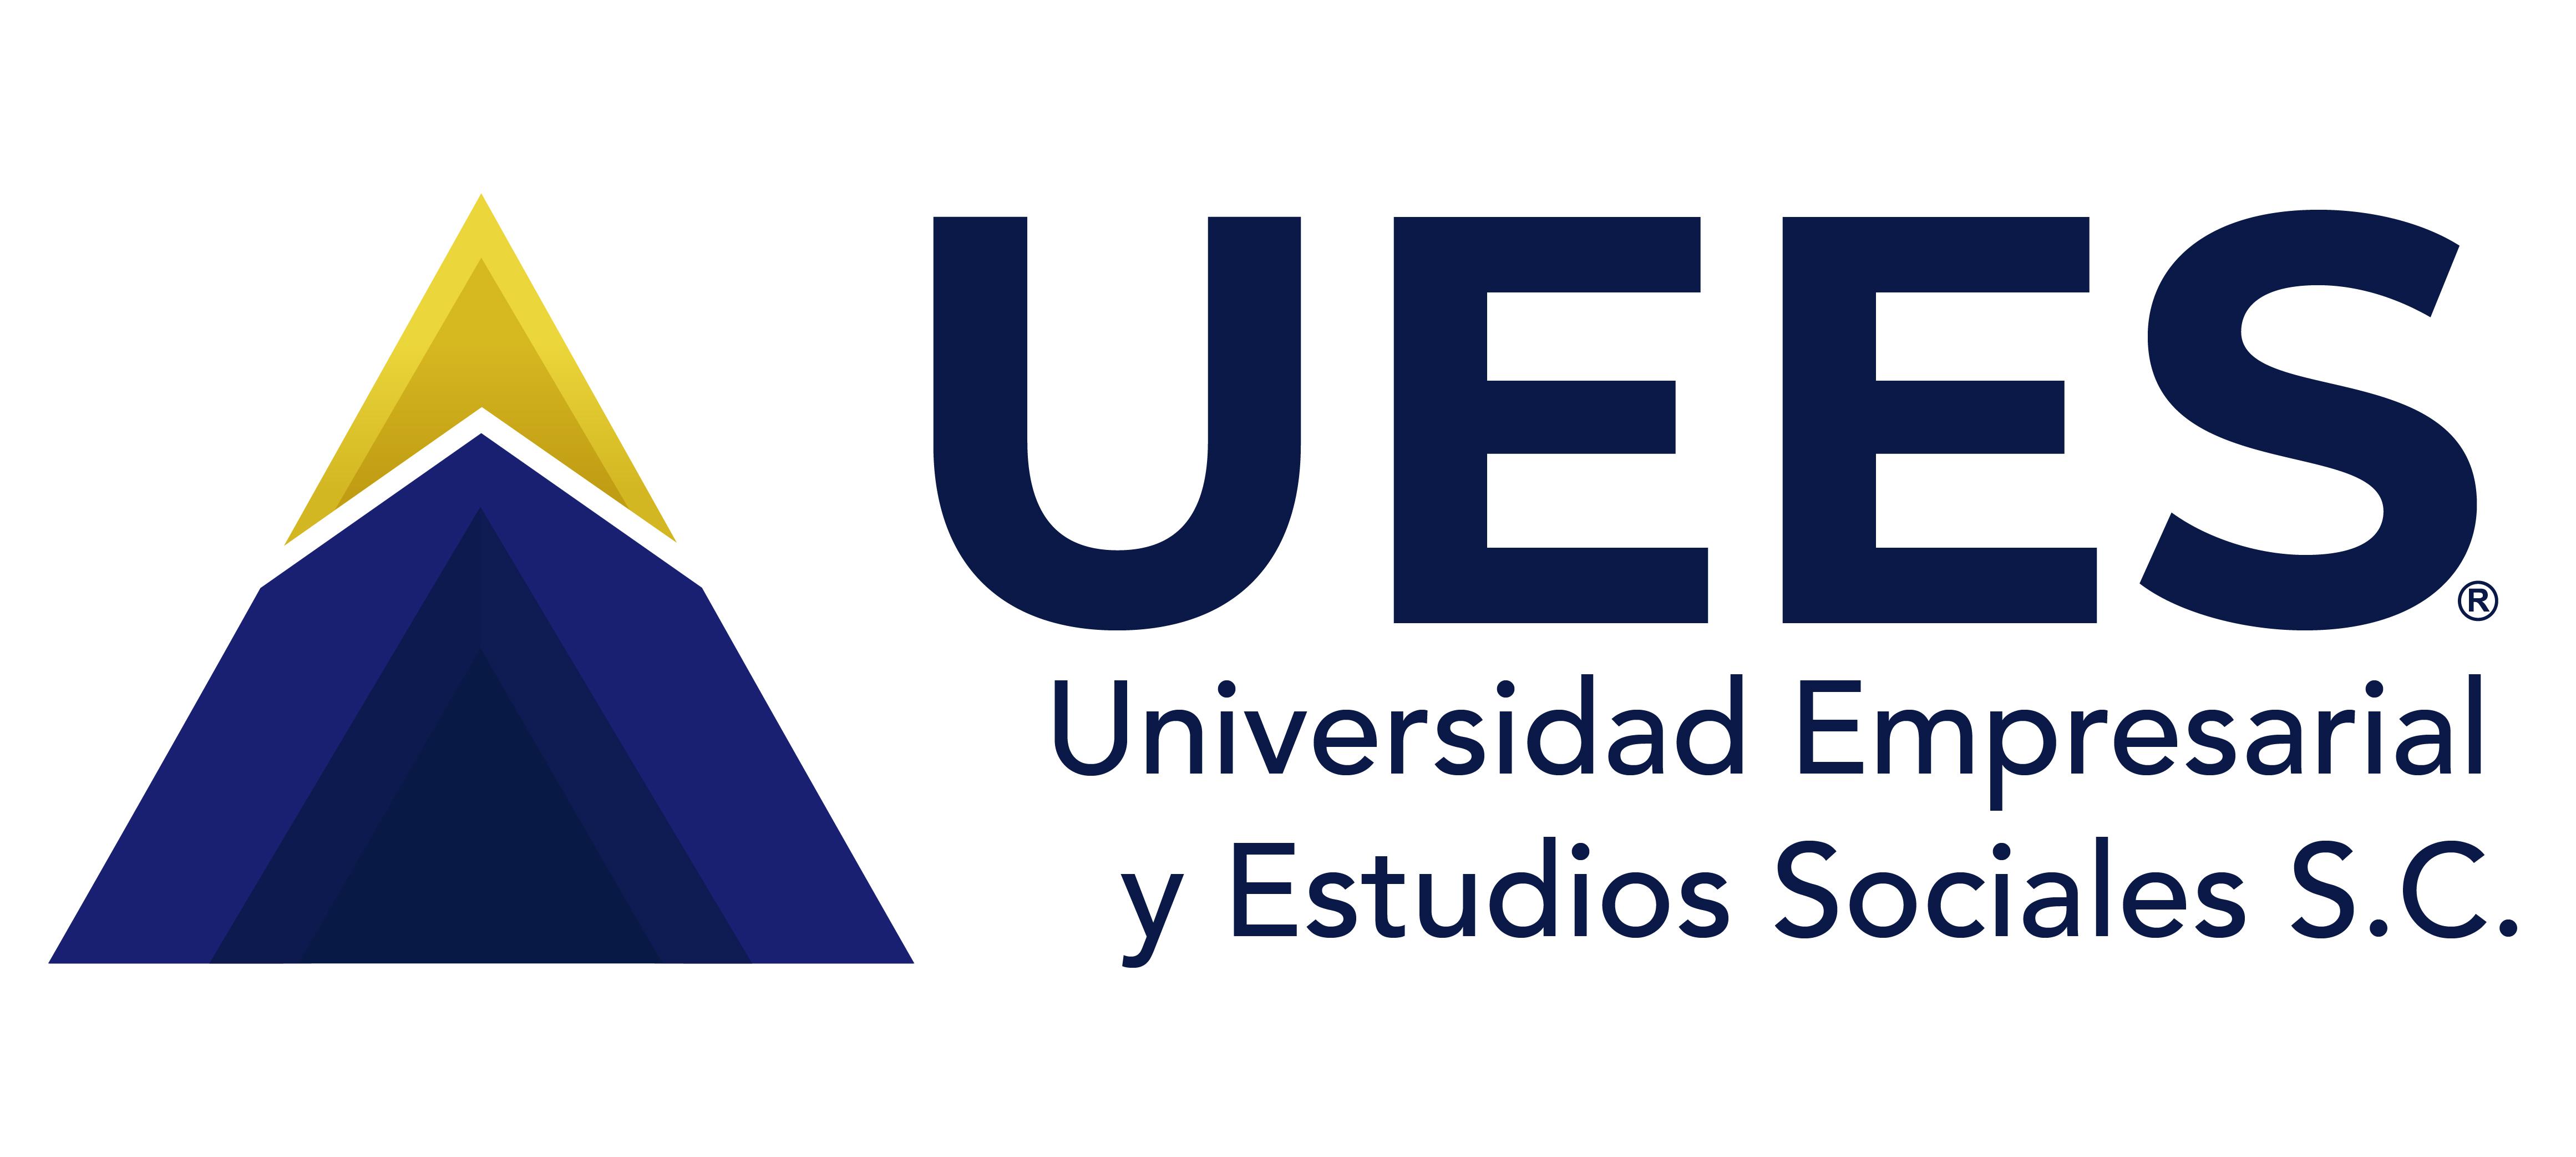 Plataforma UEES